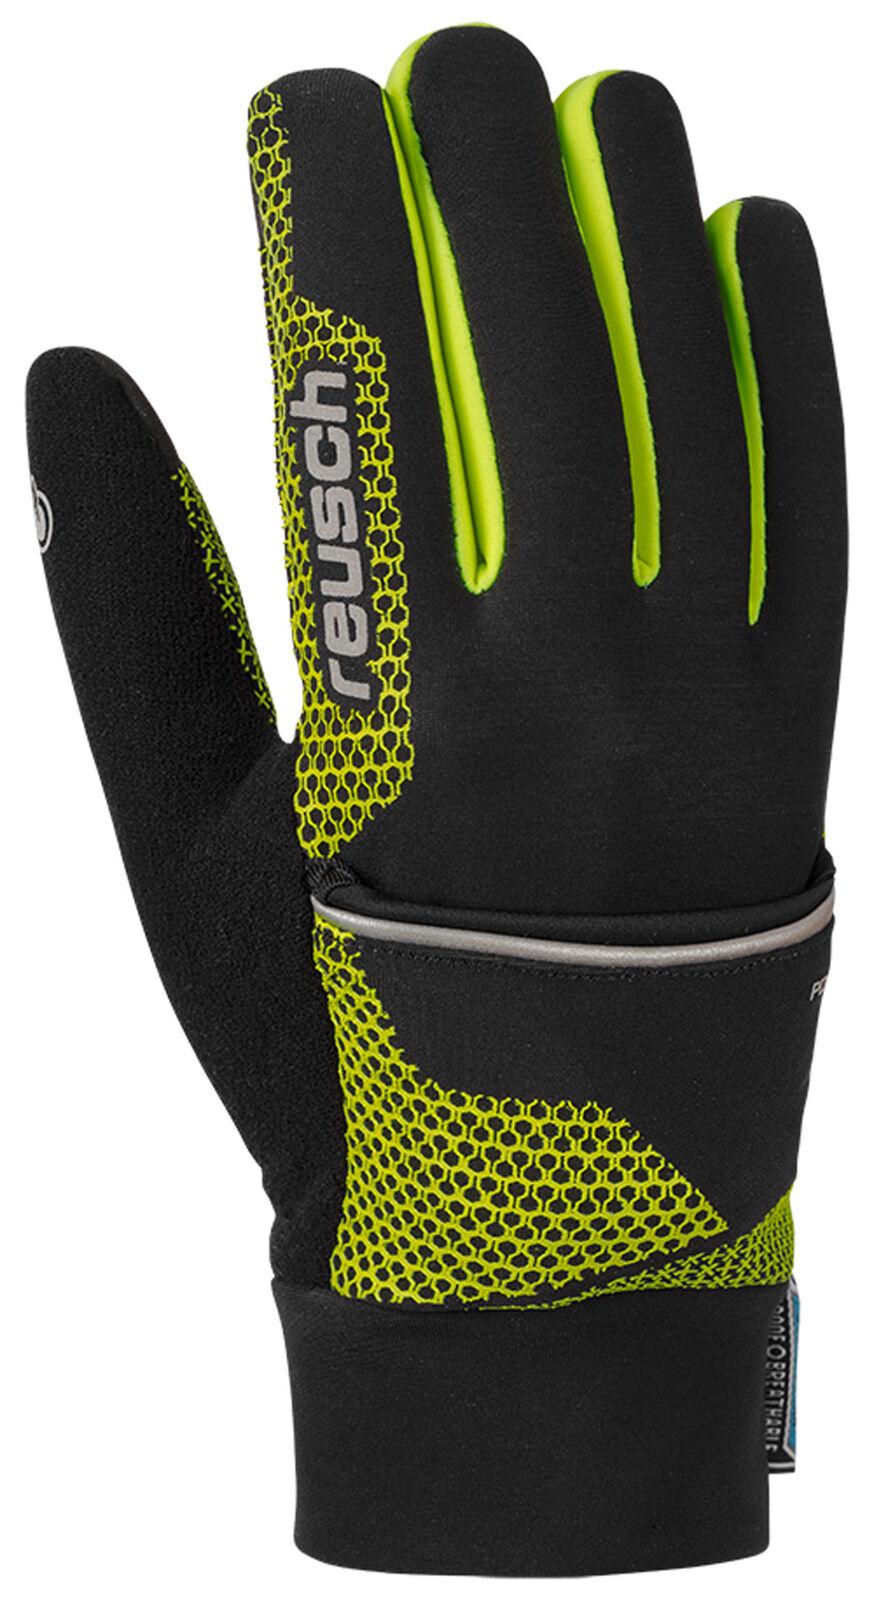 Reusch Reusch Reusch TERRO STORMBLOXX™  Unisex Handschuhe Fingerhandschuh d38017